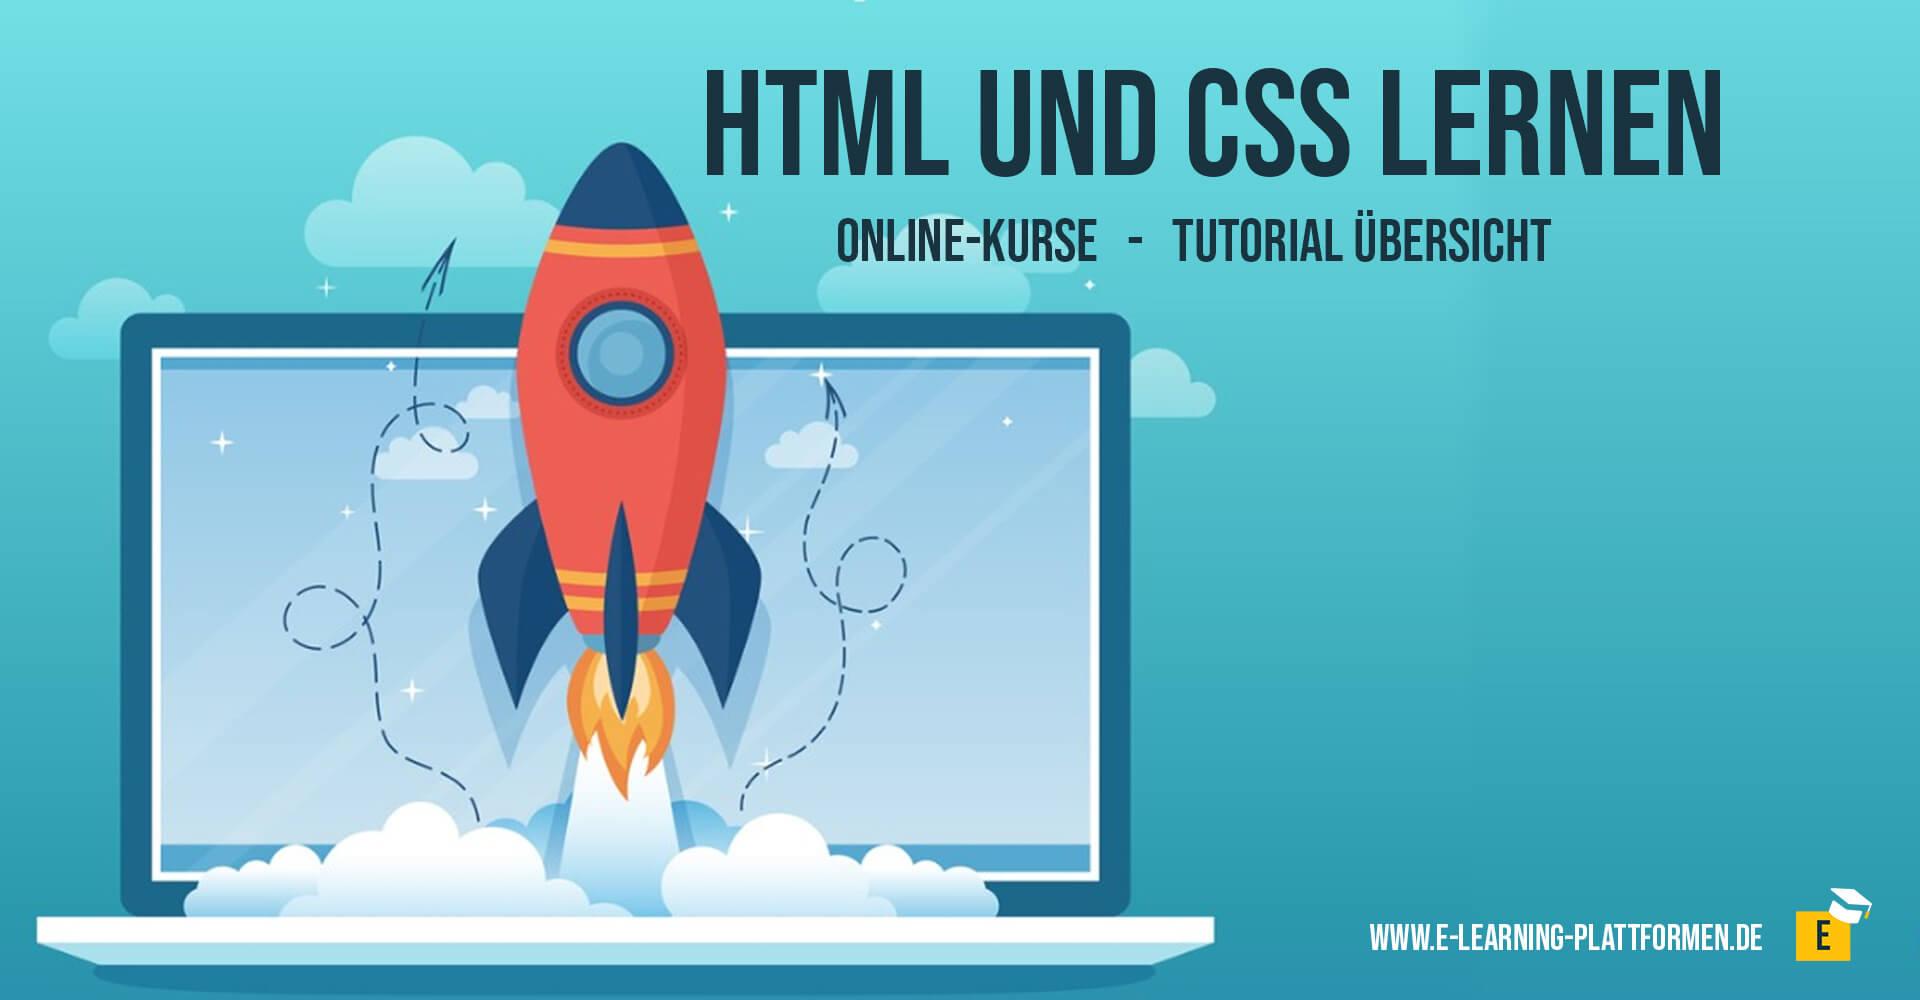 HTML und CSS online lernen tutorials und online-kurse